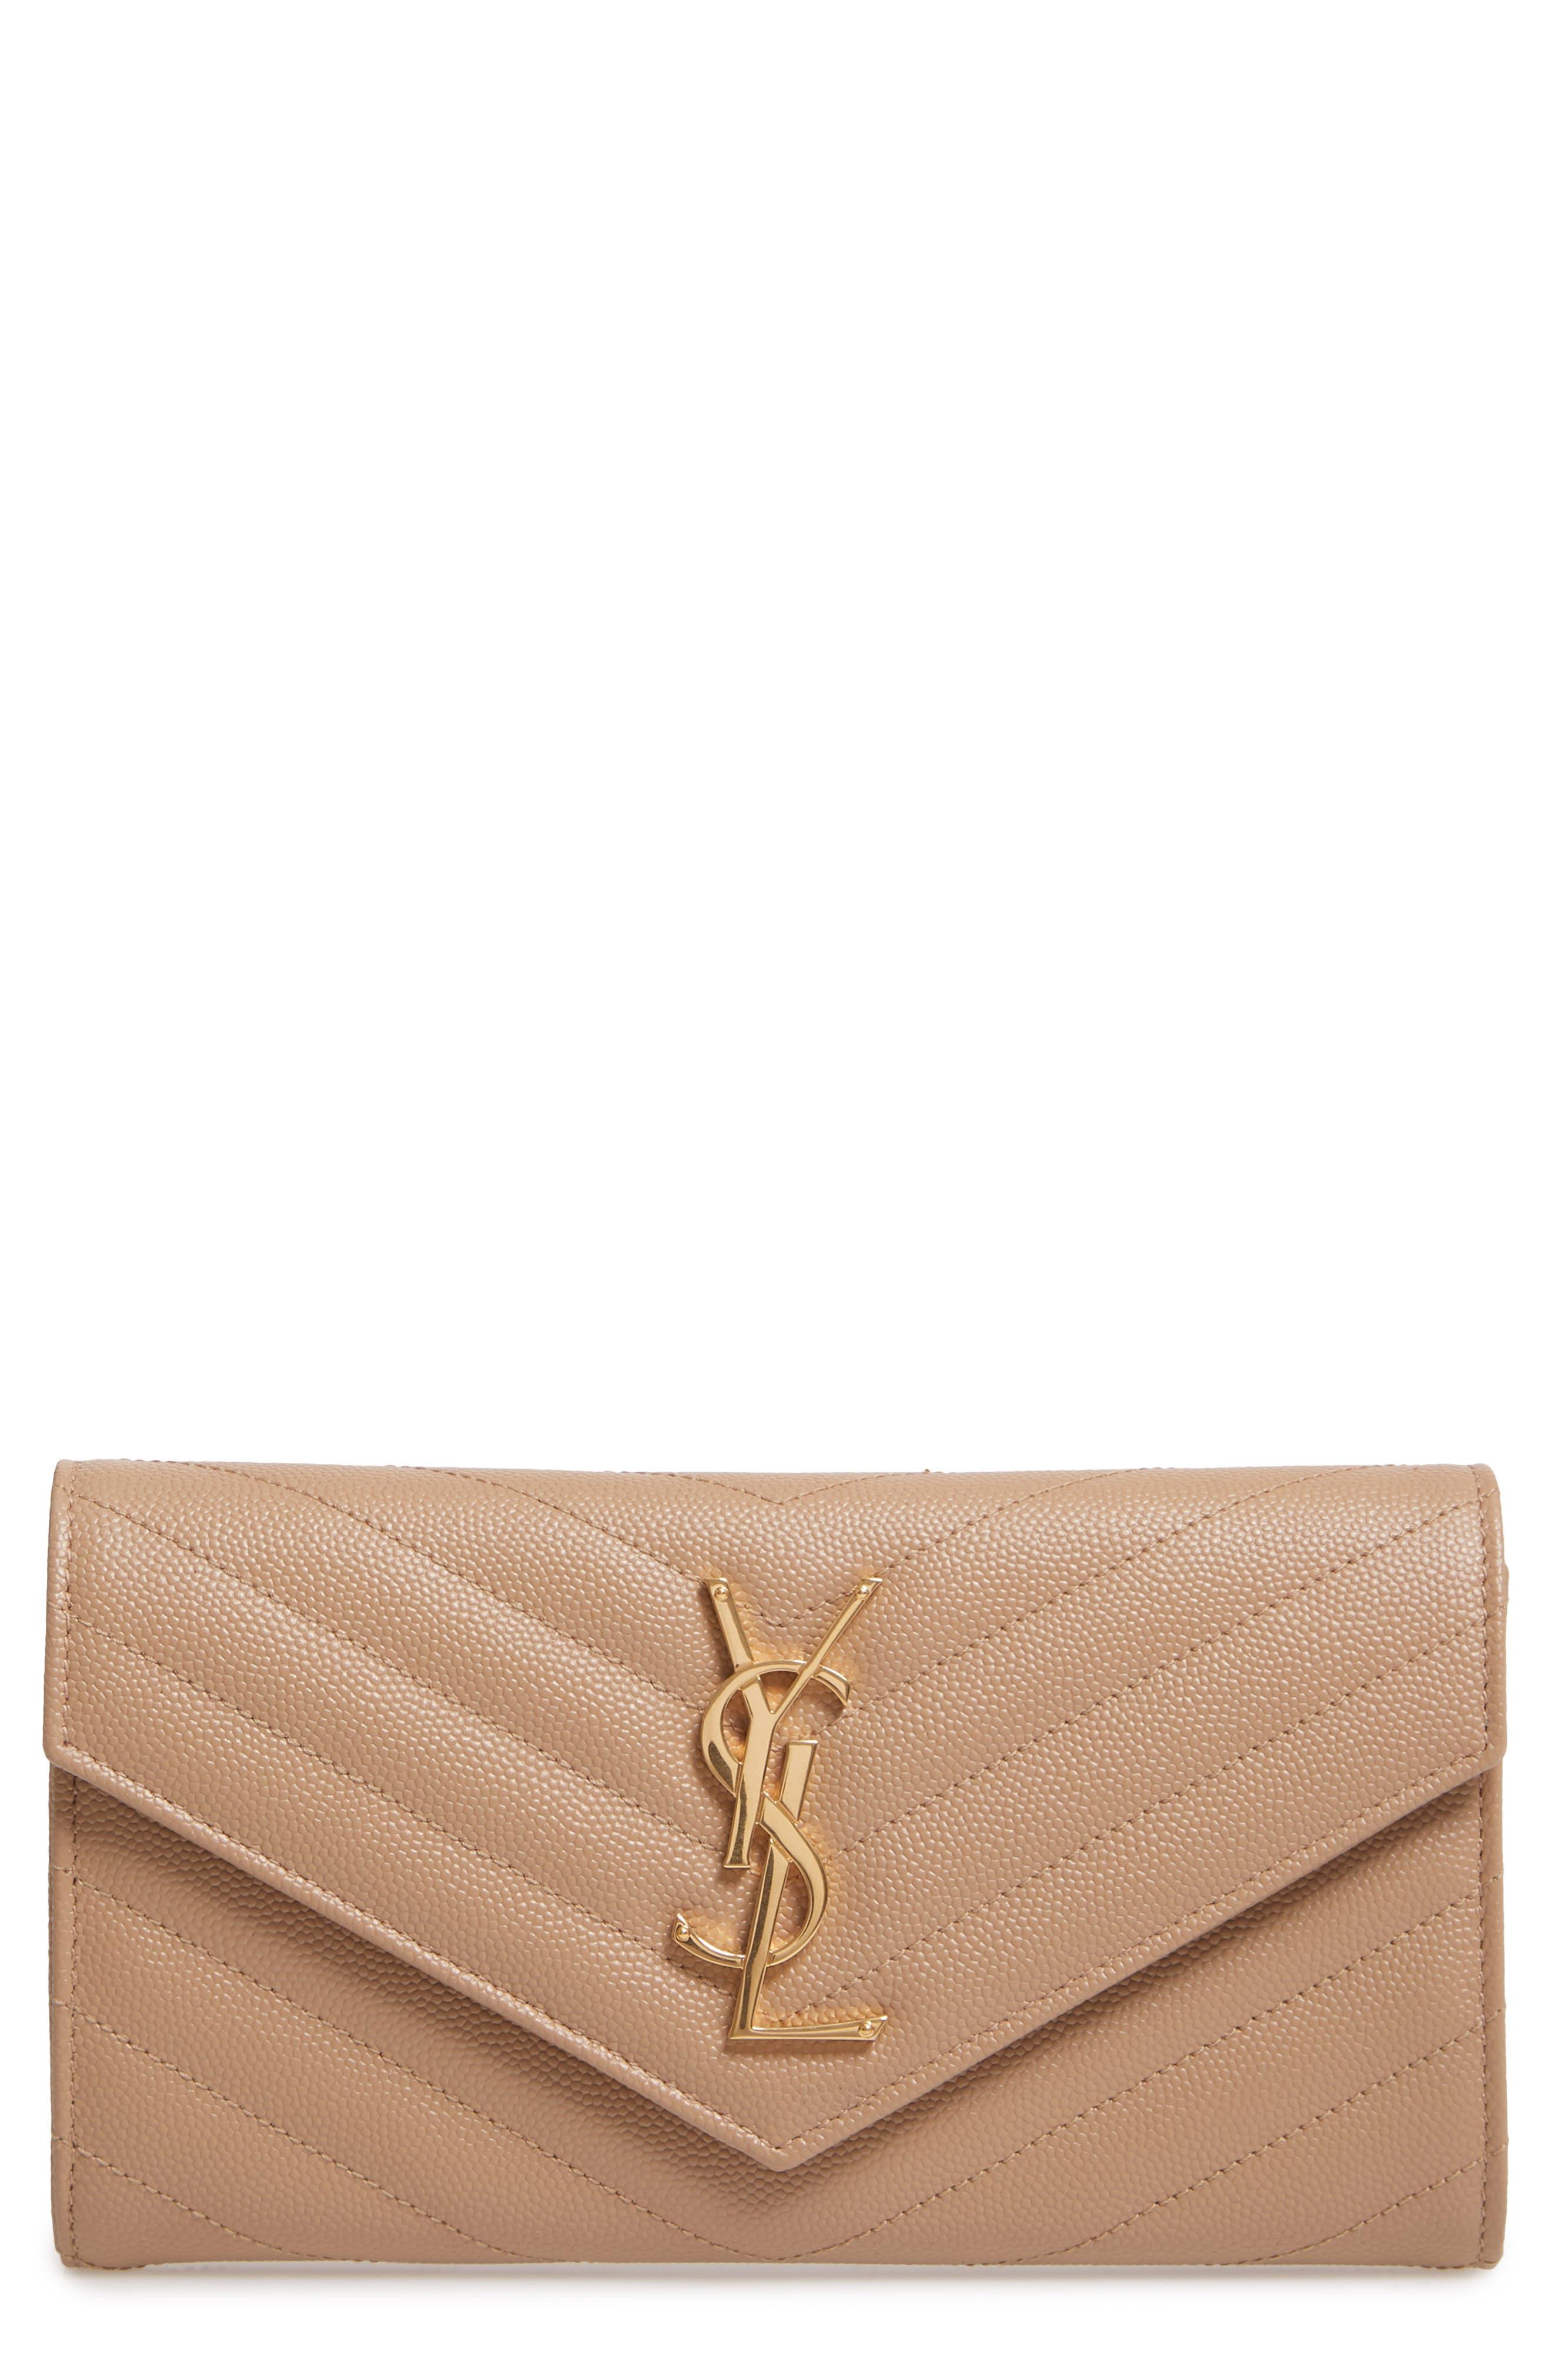 SAINT LAURENT, Monogram Logo Leather Flap Wallet, Main thumbnail 1, color, CHENE